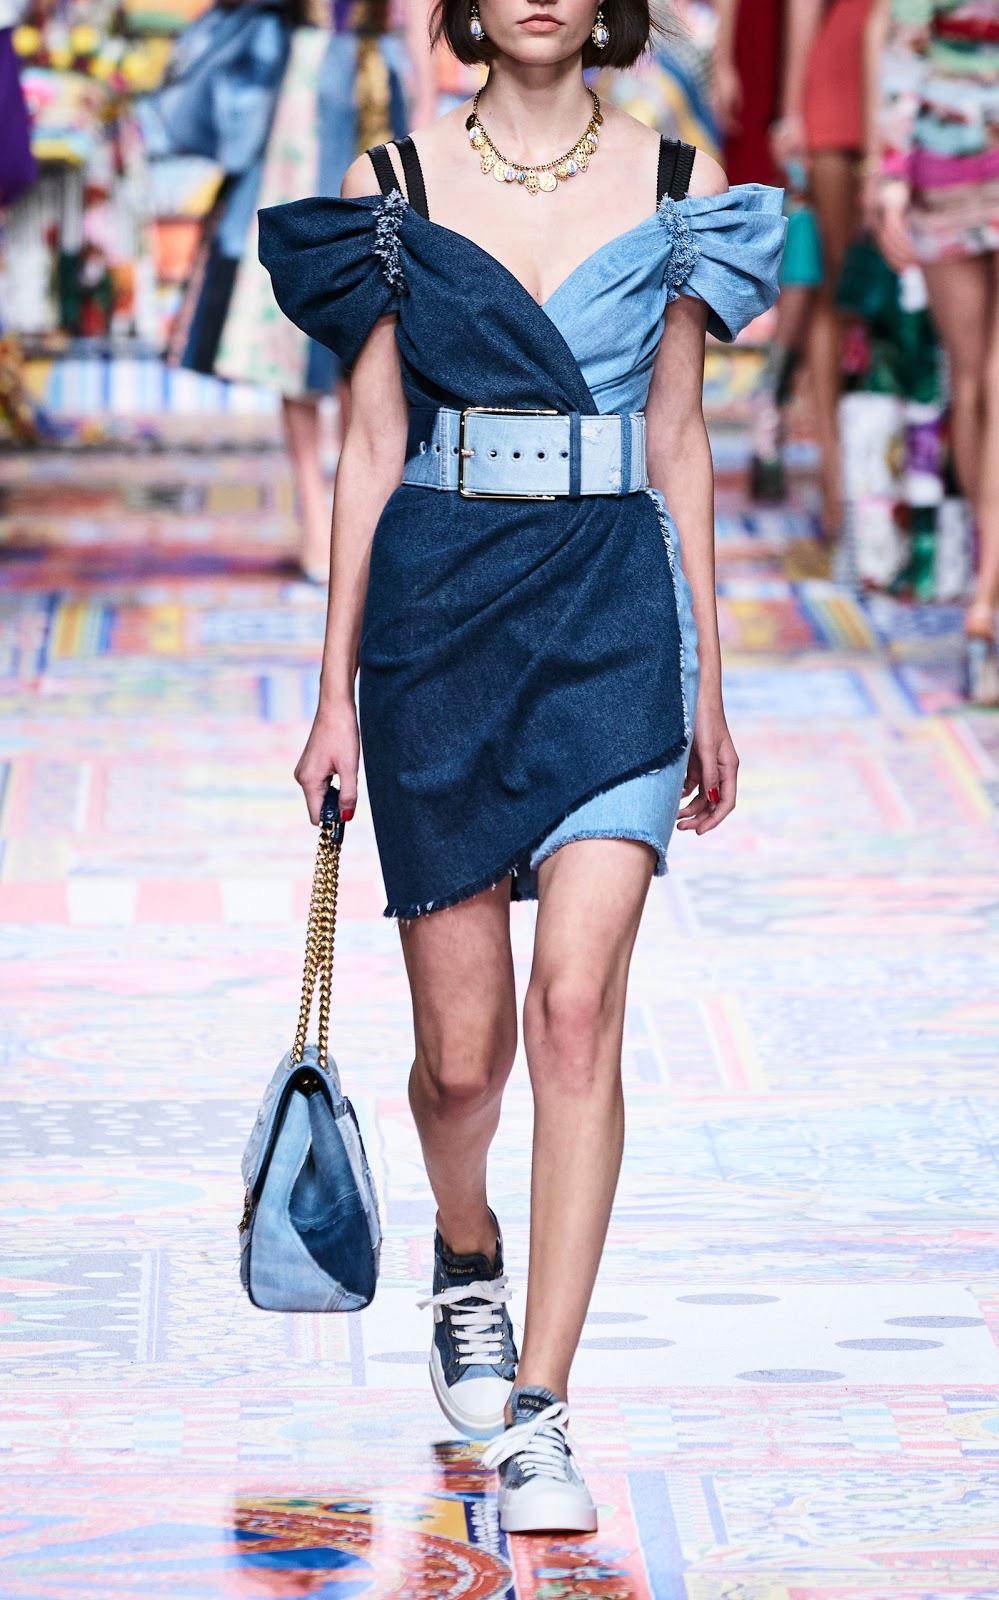 Bắt ngay xu hướng thời trang đến từ các thương hiệu nổi tiếng cho mùa Xuân - Hè 2021 - Ảnh 8.